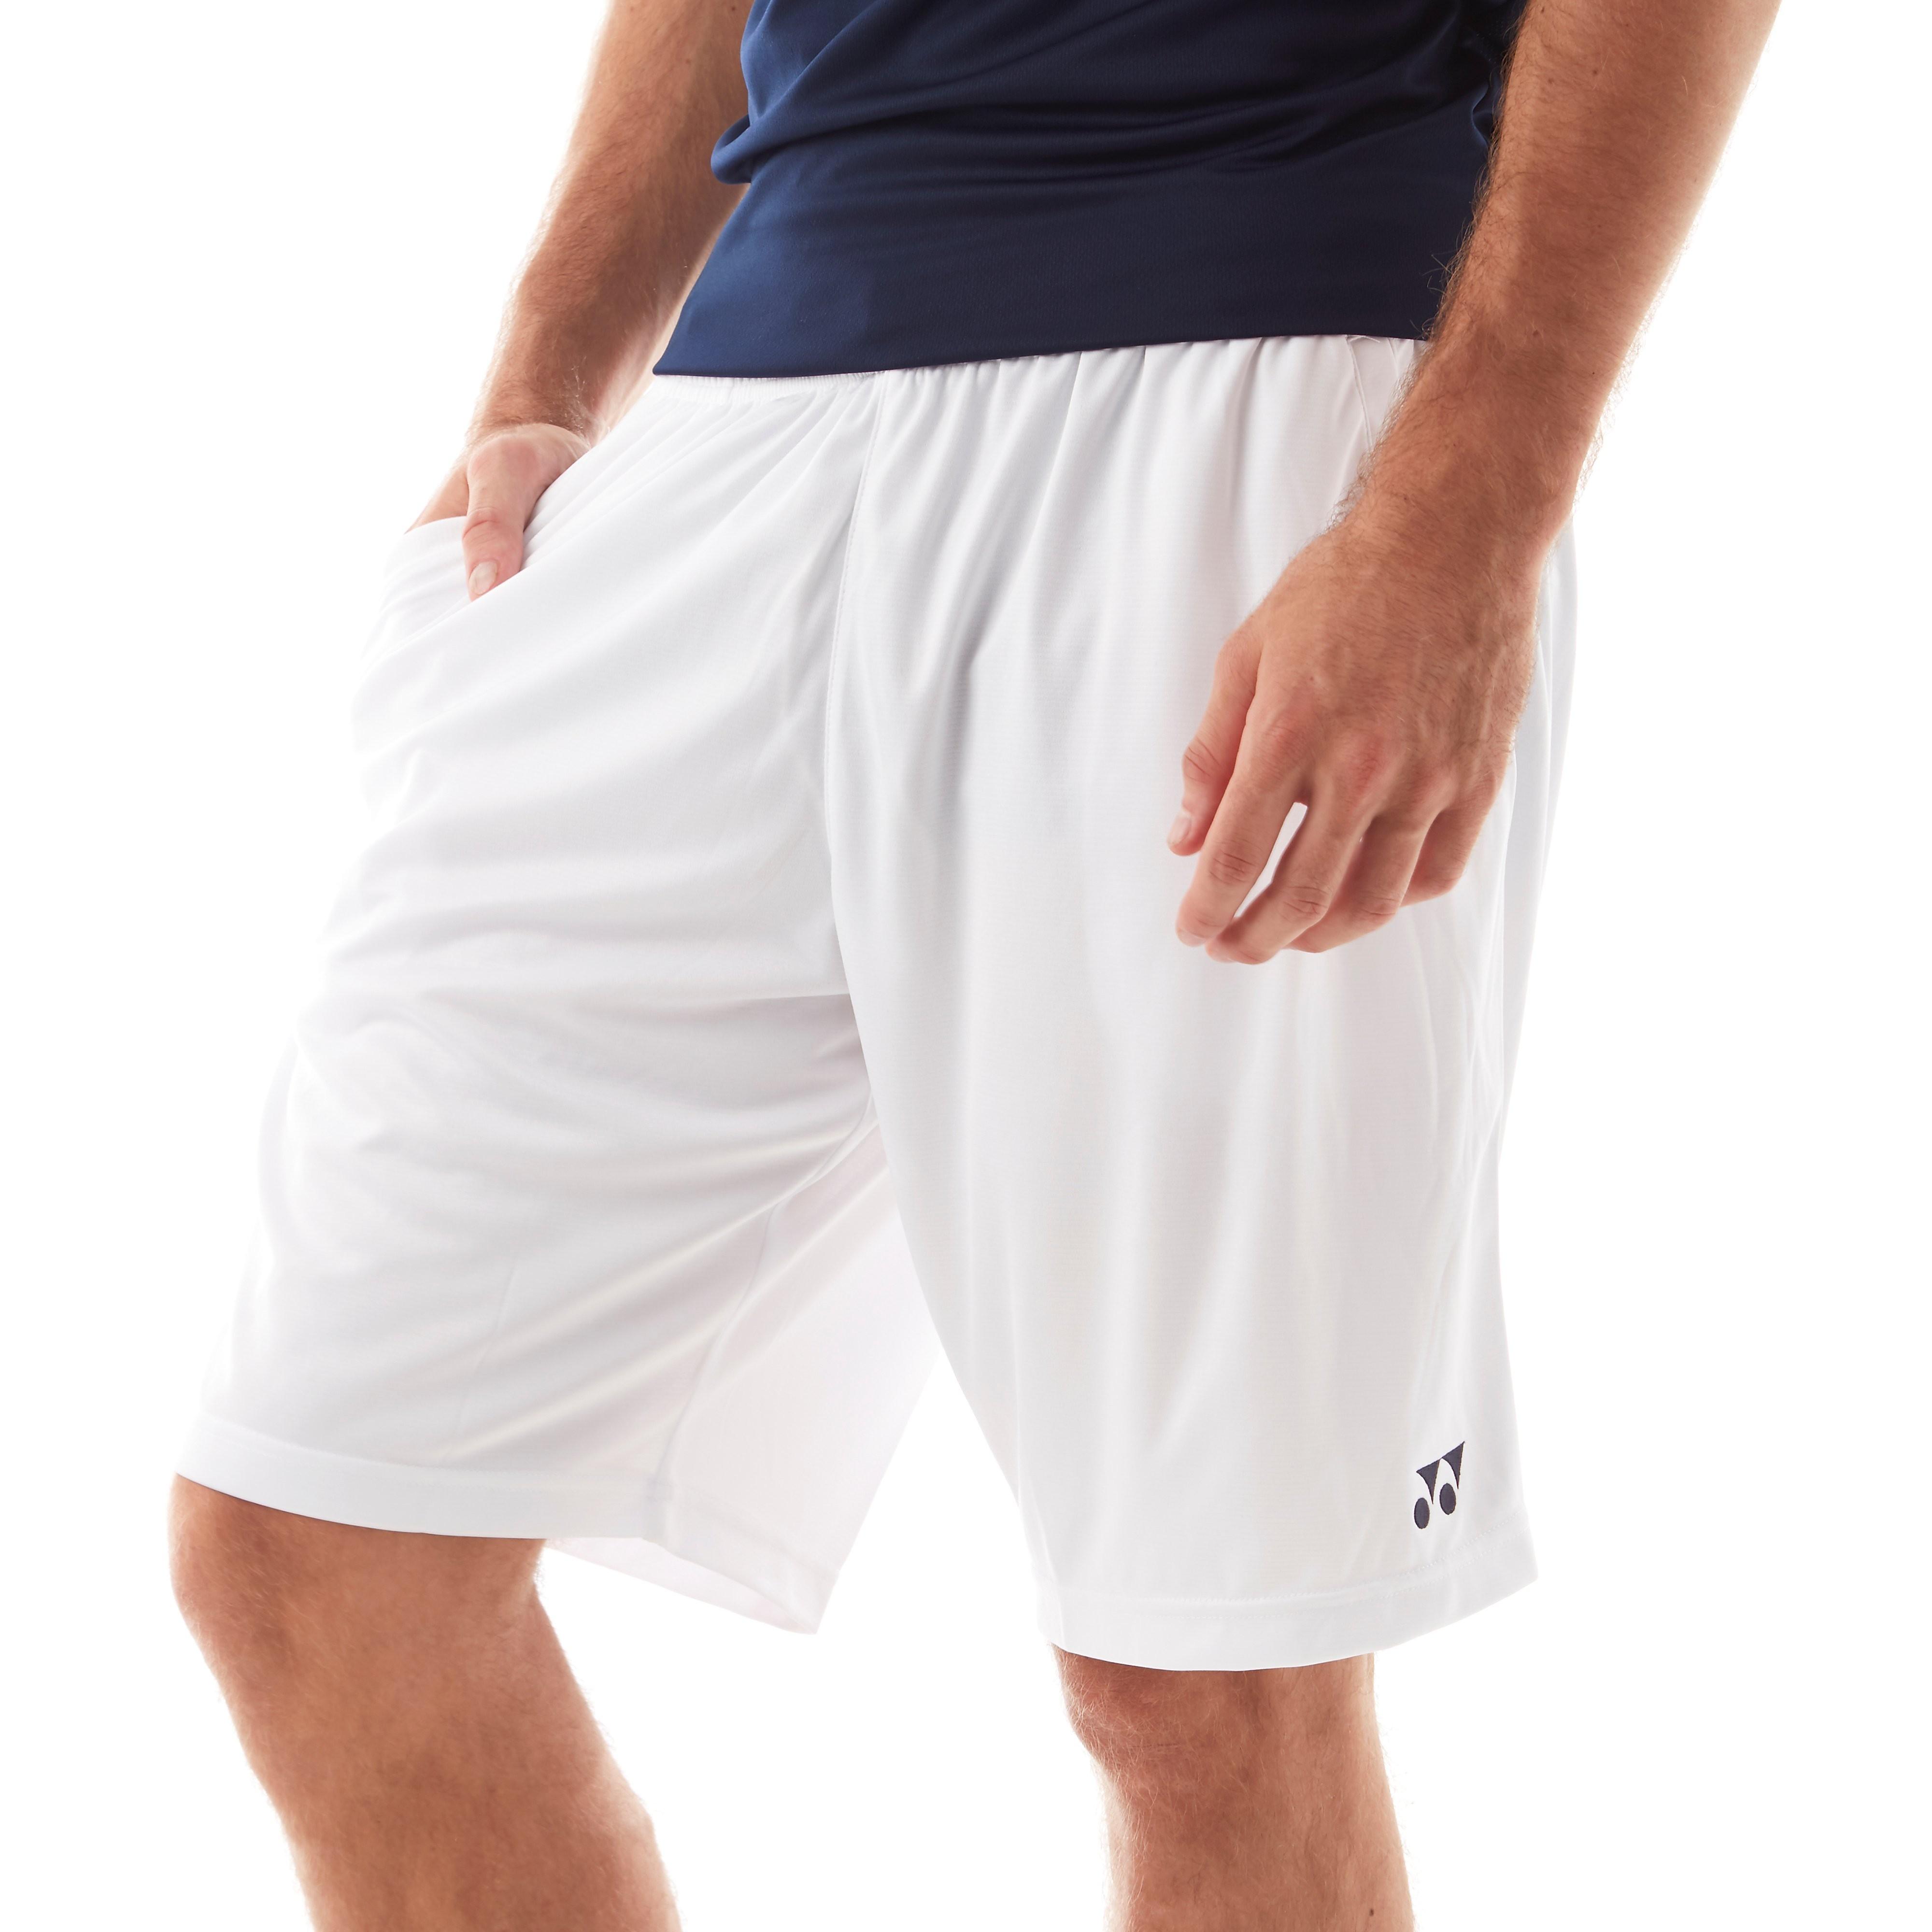 Yonex Men's Training Shorts